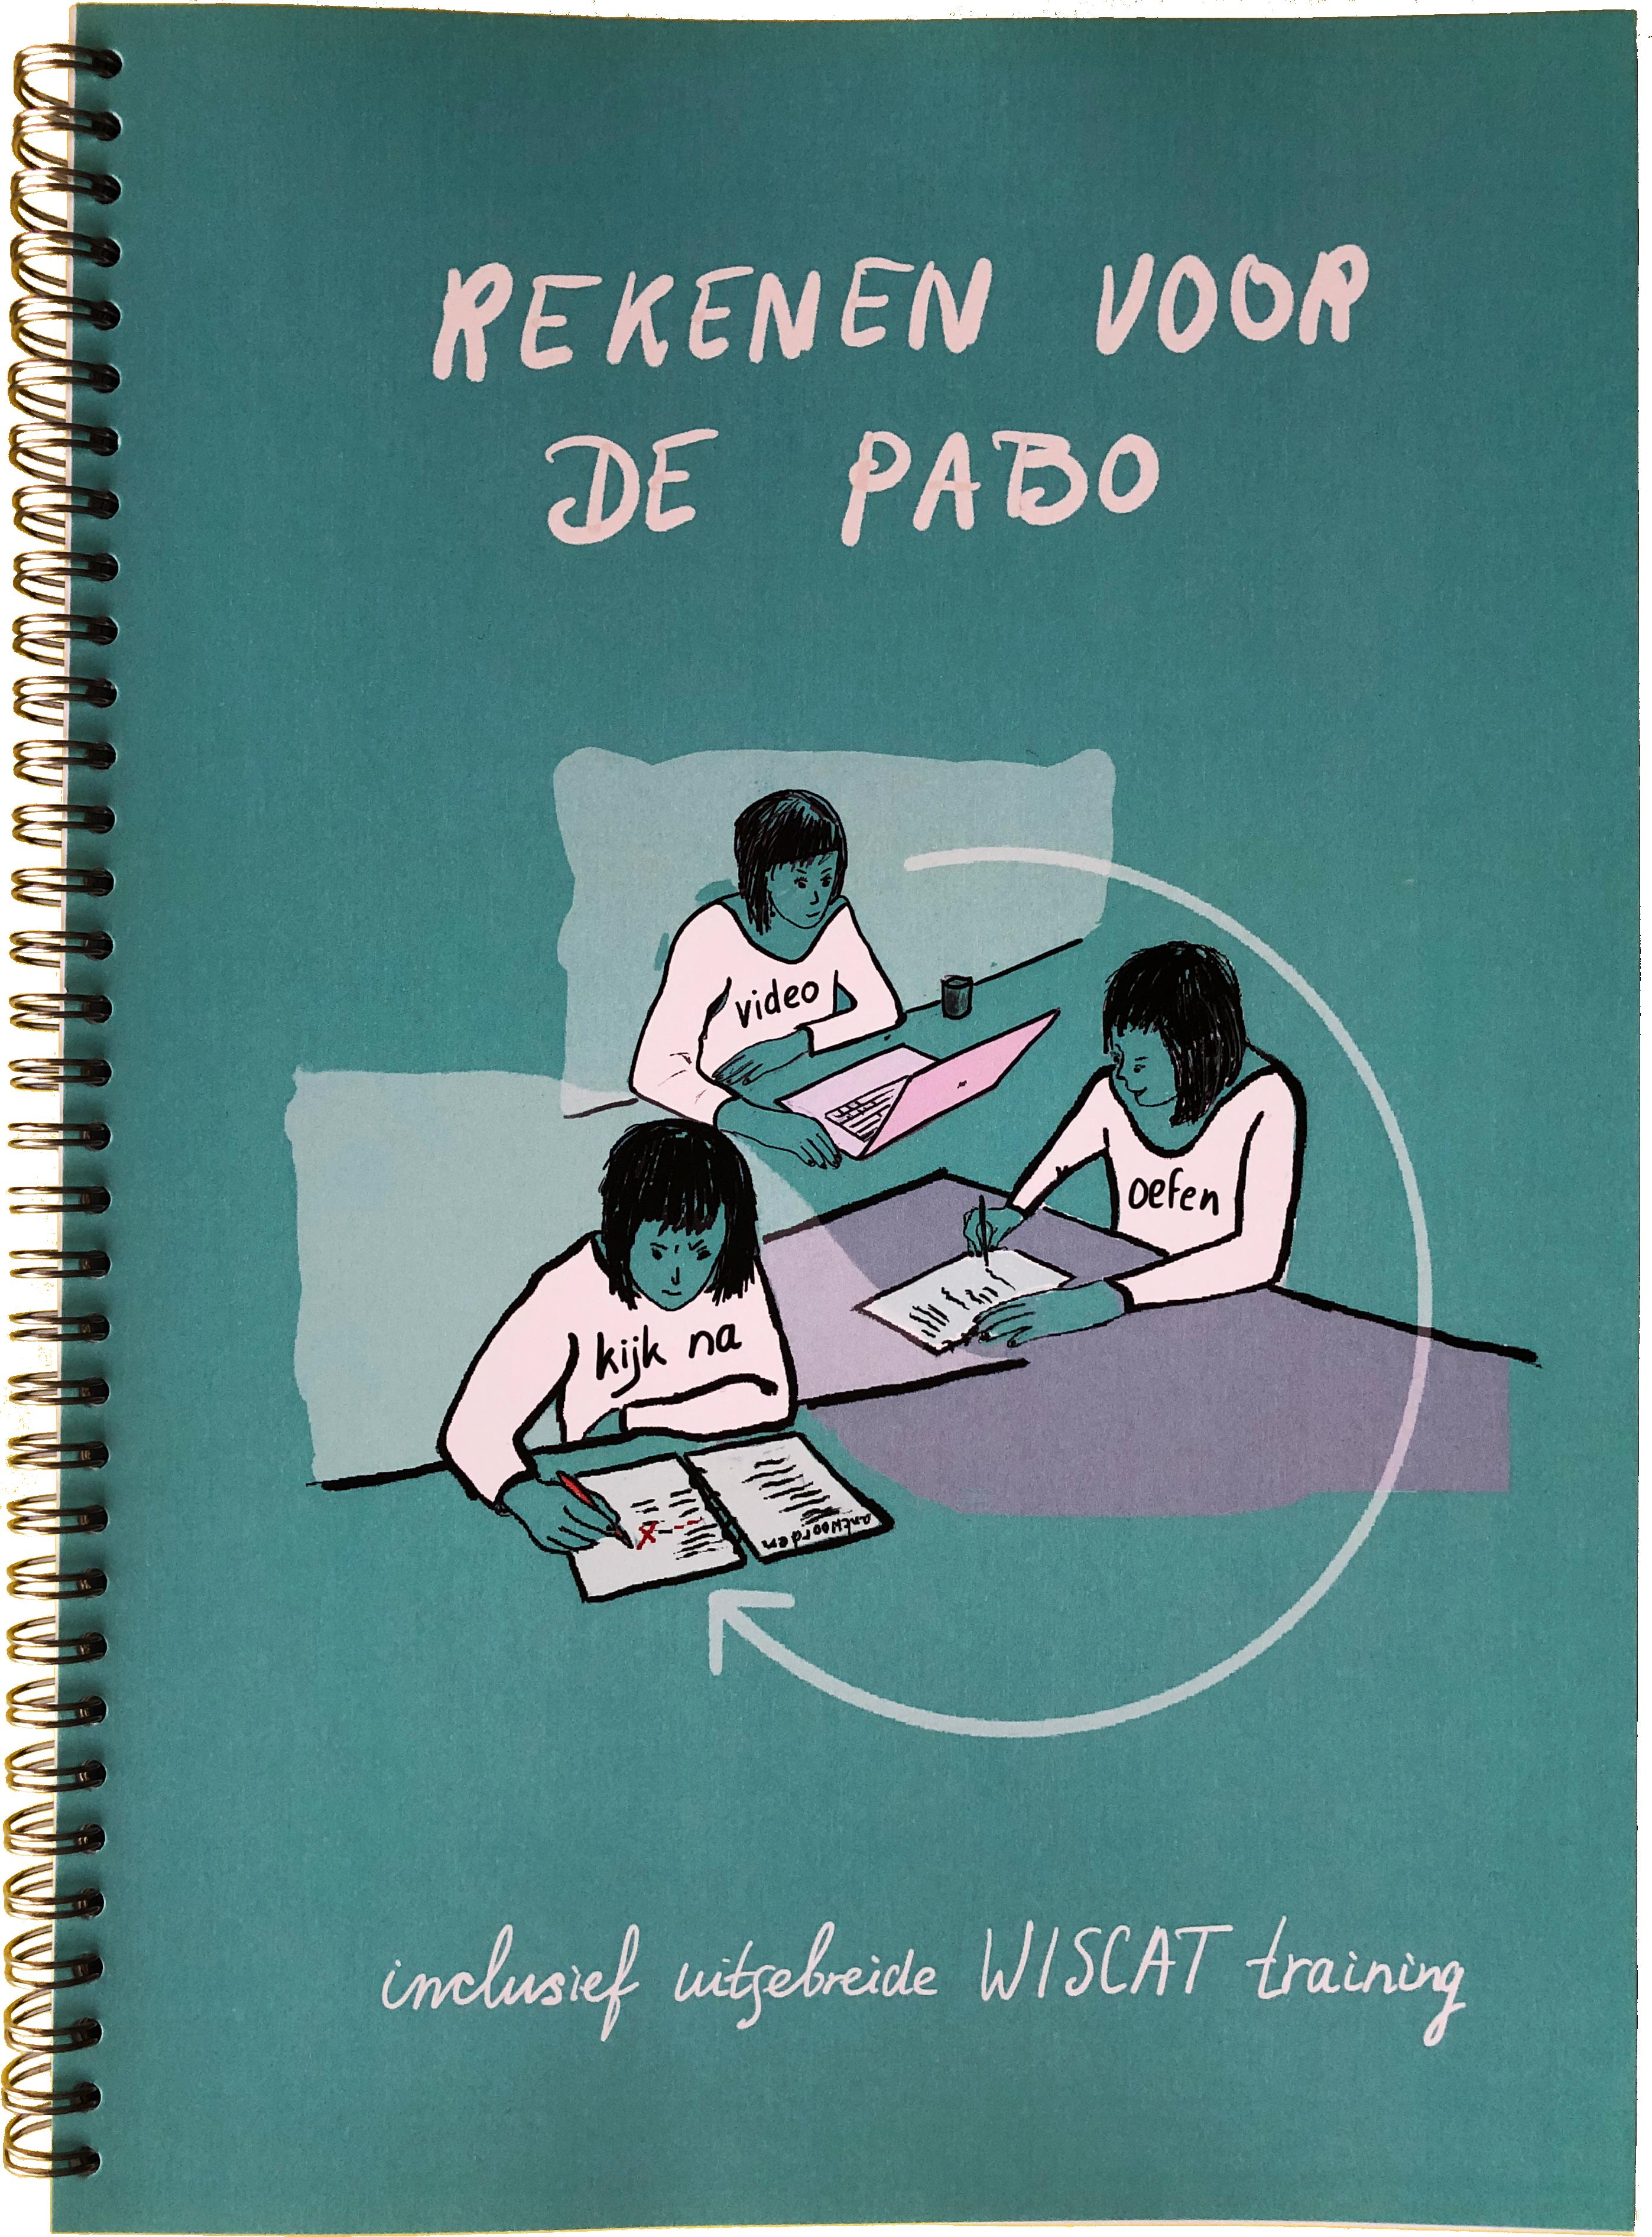 werkboek pabo wiscat